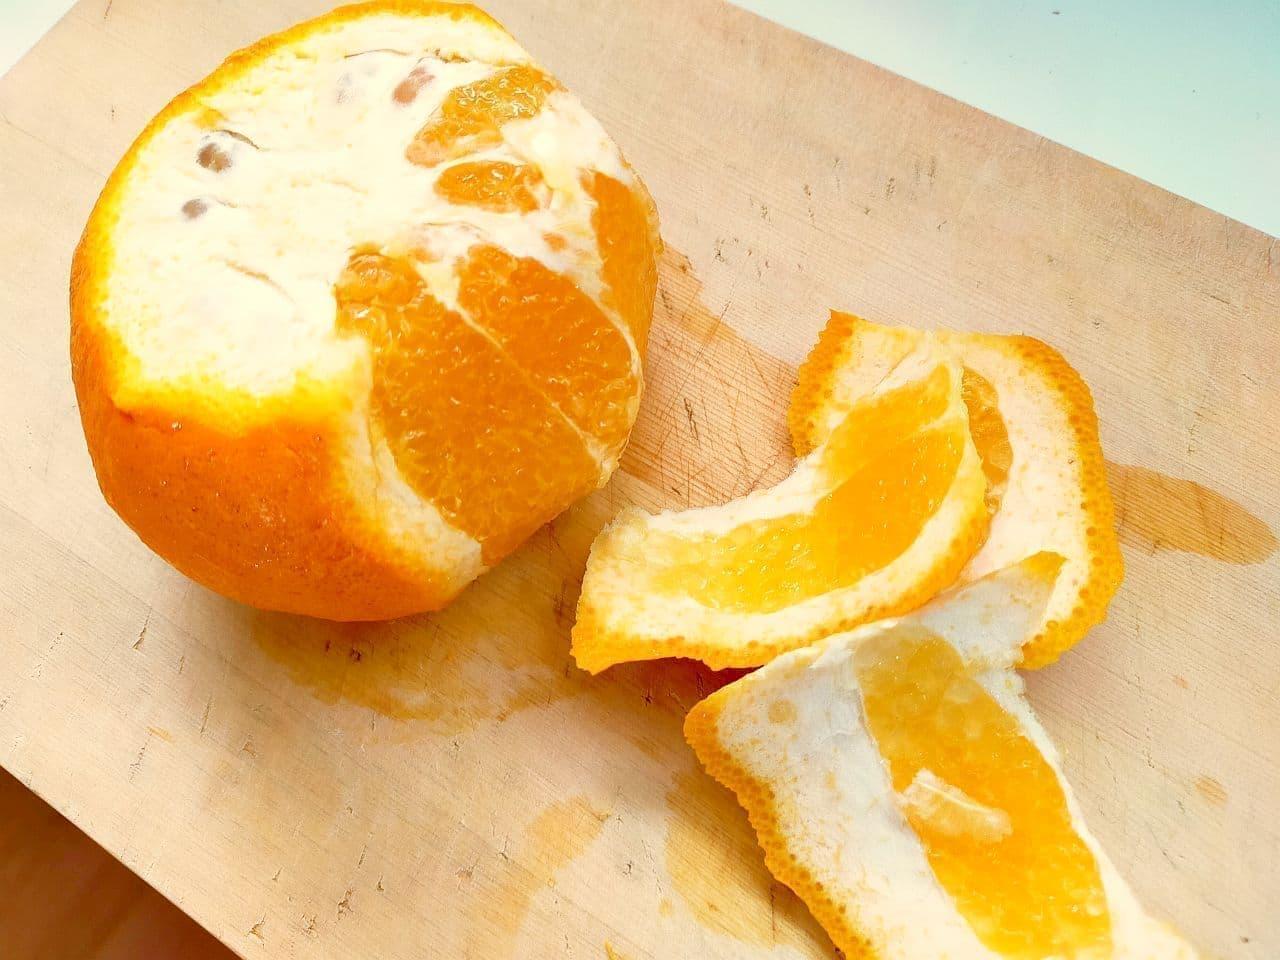 ステップ2 オレンジの皮のむき方